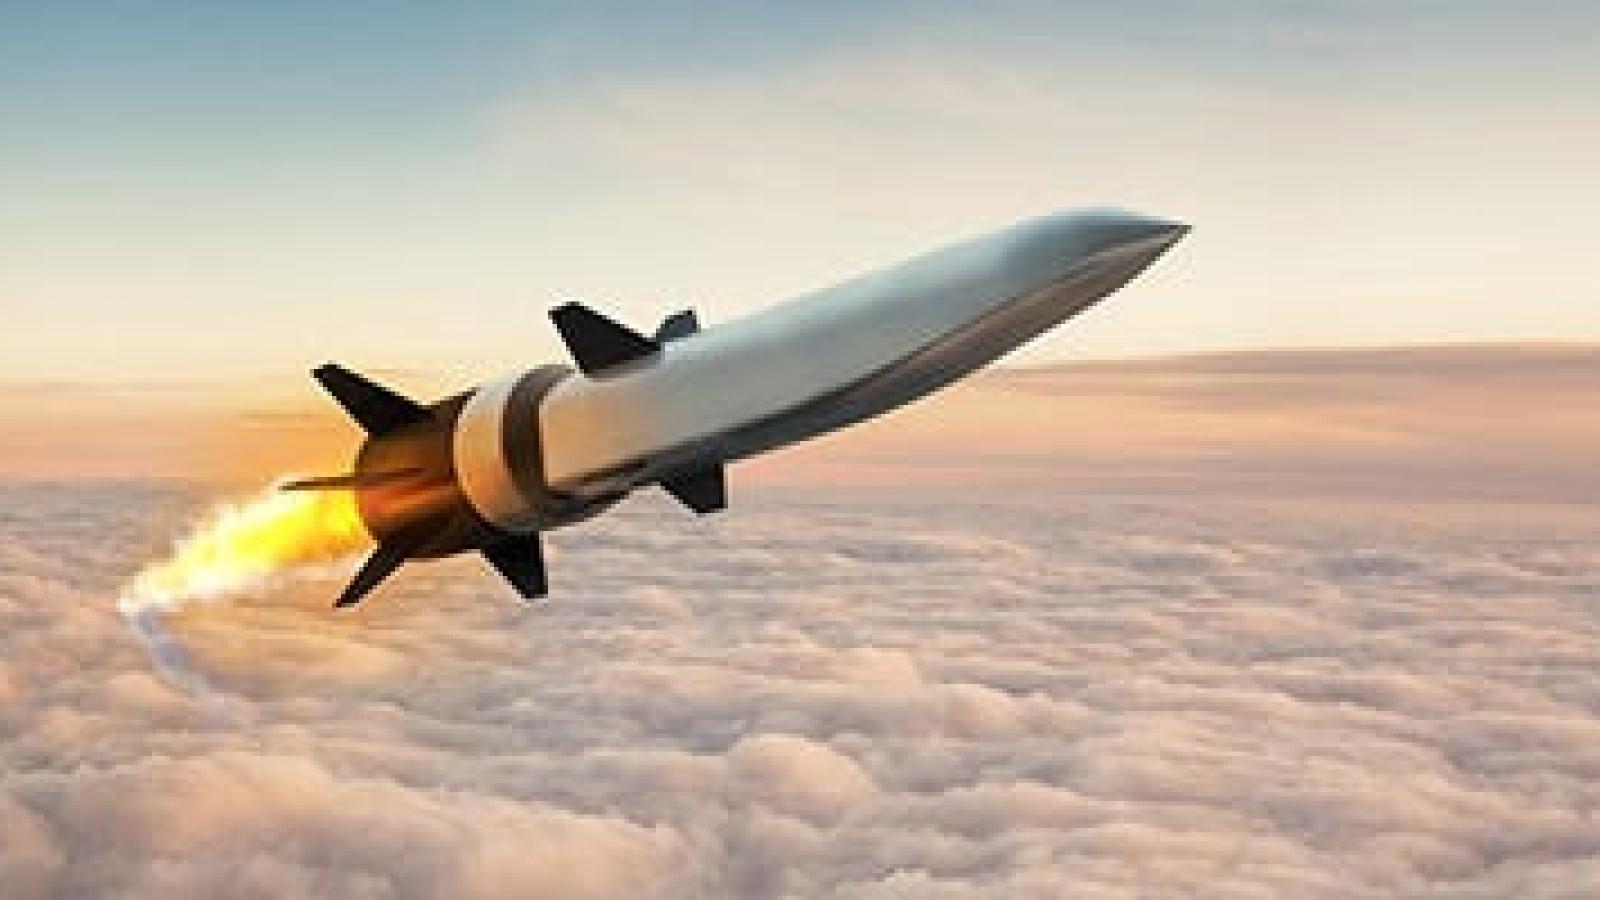 Mỹ thử thành công tên lửa siêu thanh mới giữa cuộc cạnh tranh với Nga - Trung